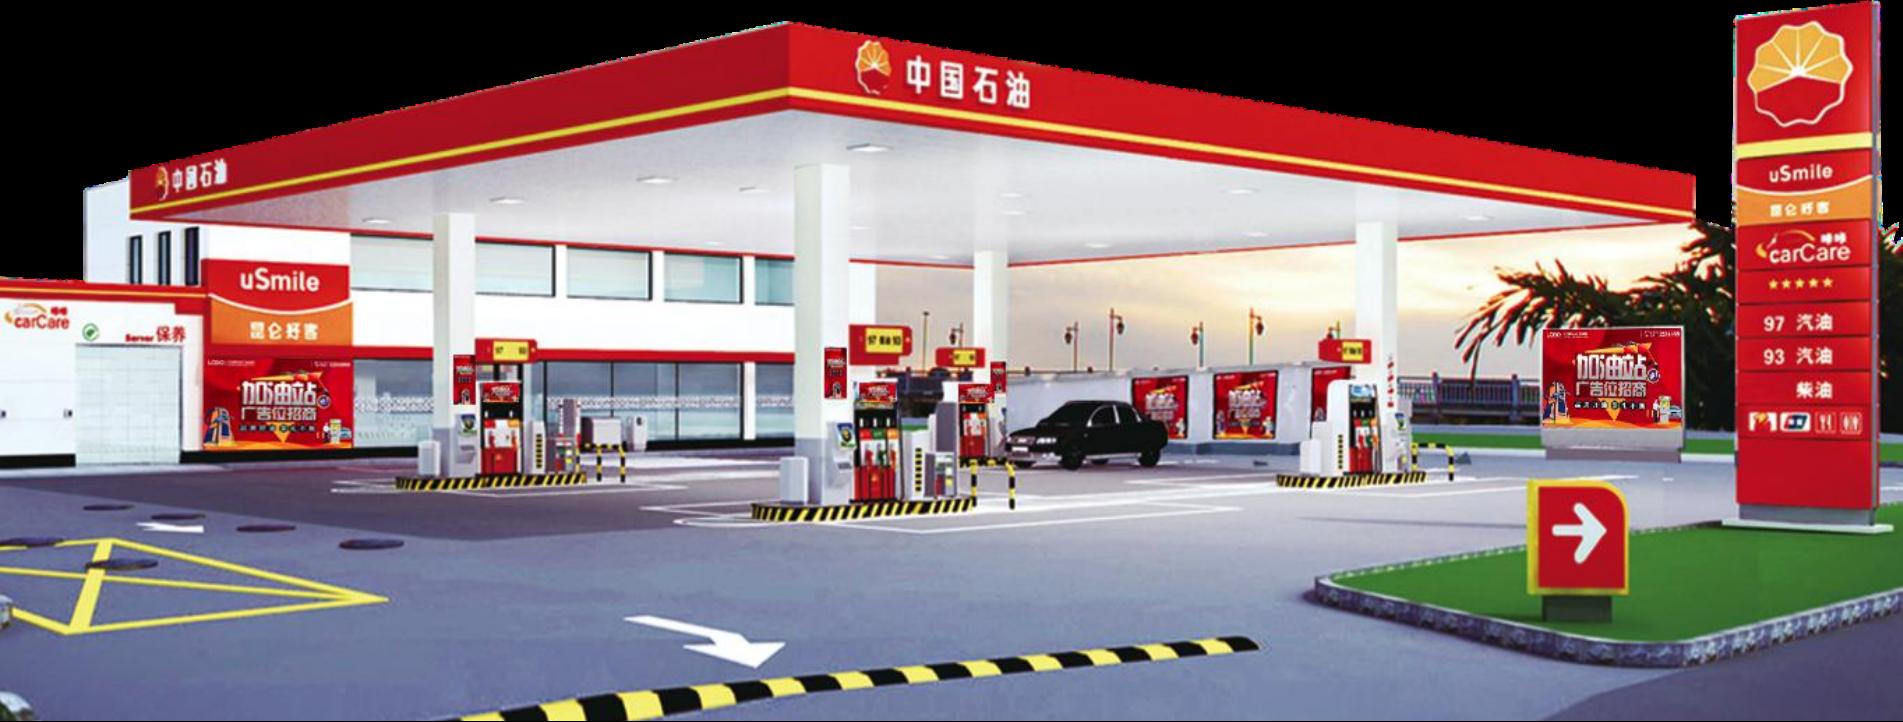 河北省中石油加油站墙面媒体看板